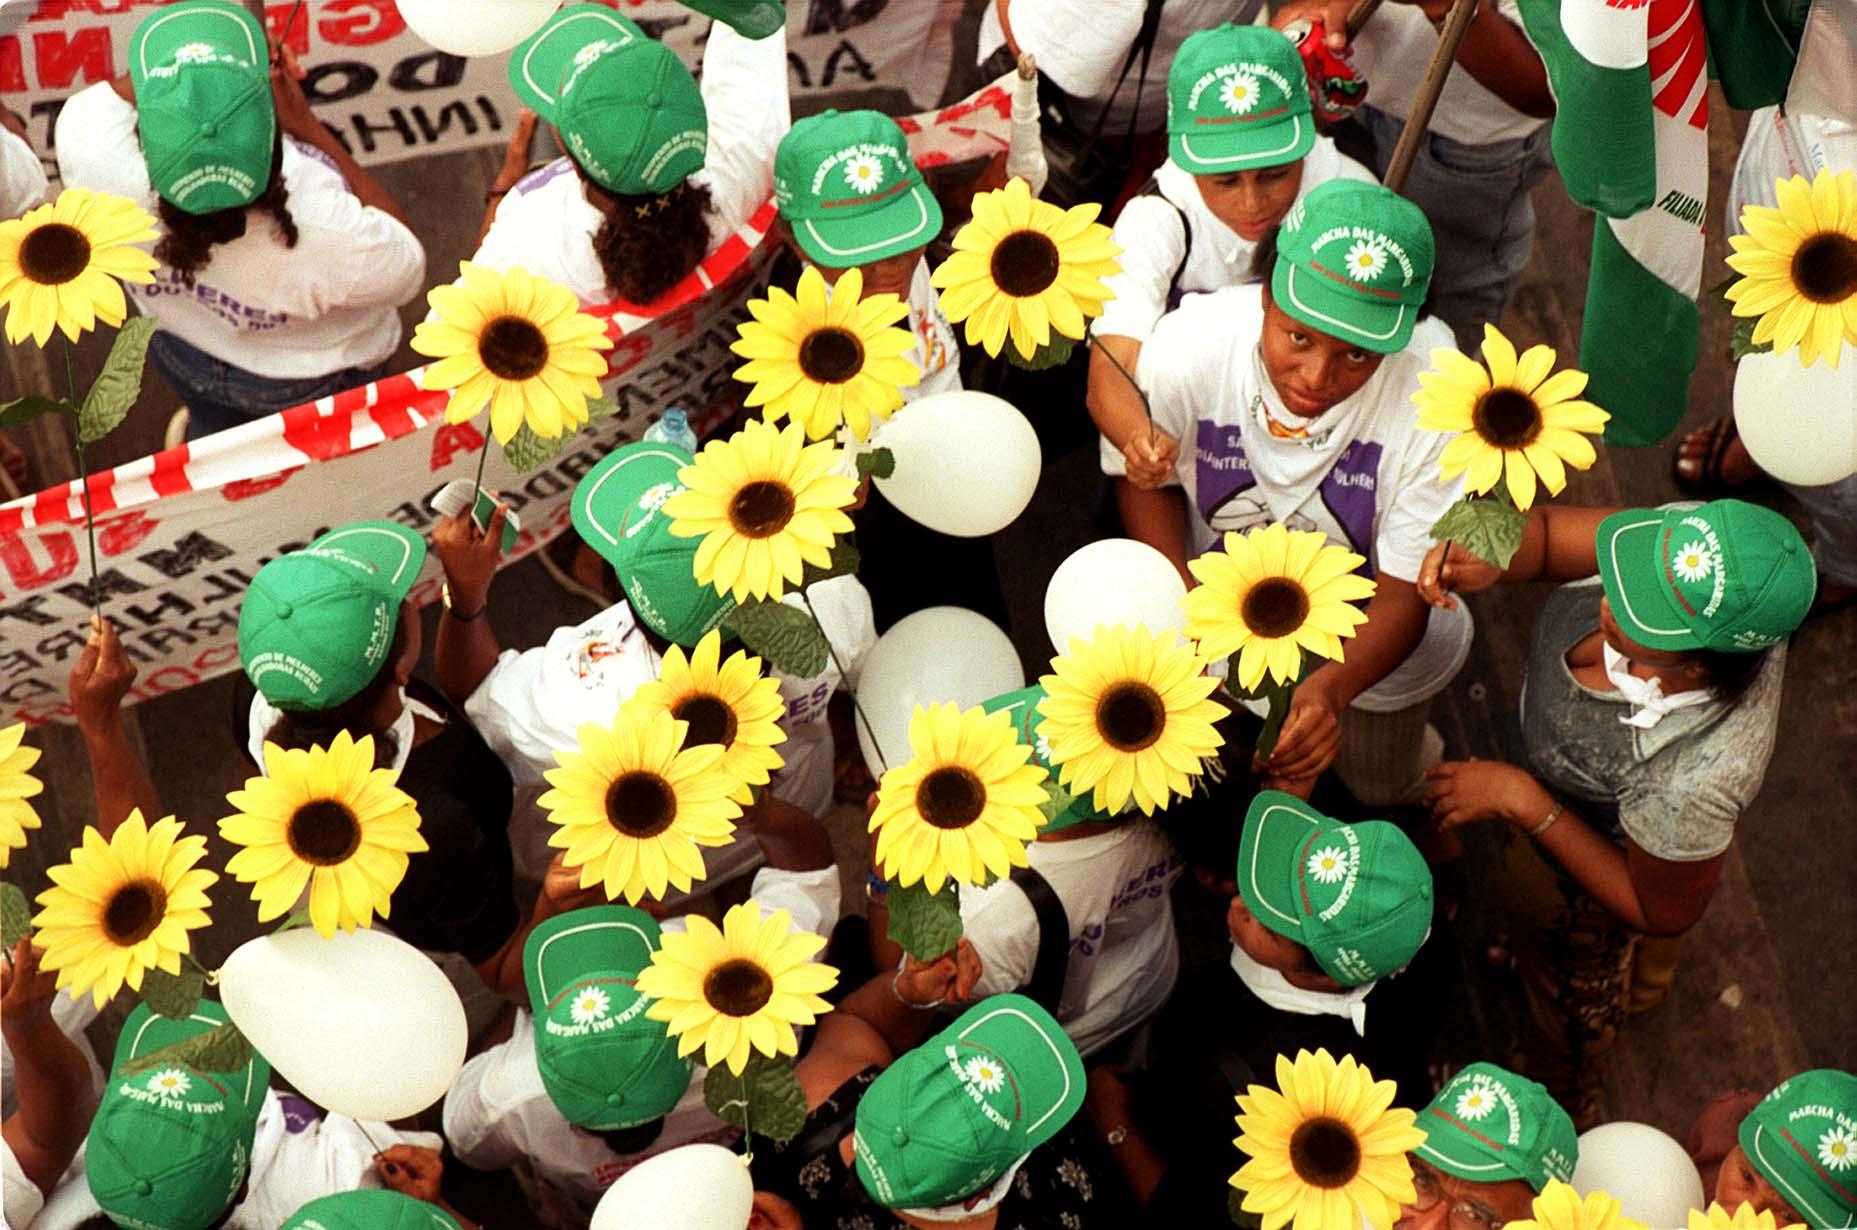 A Marcha das Margaridas reuniu 20 mil mulheres em Brasília, em agosto de 2000